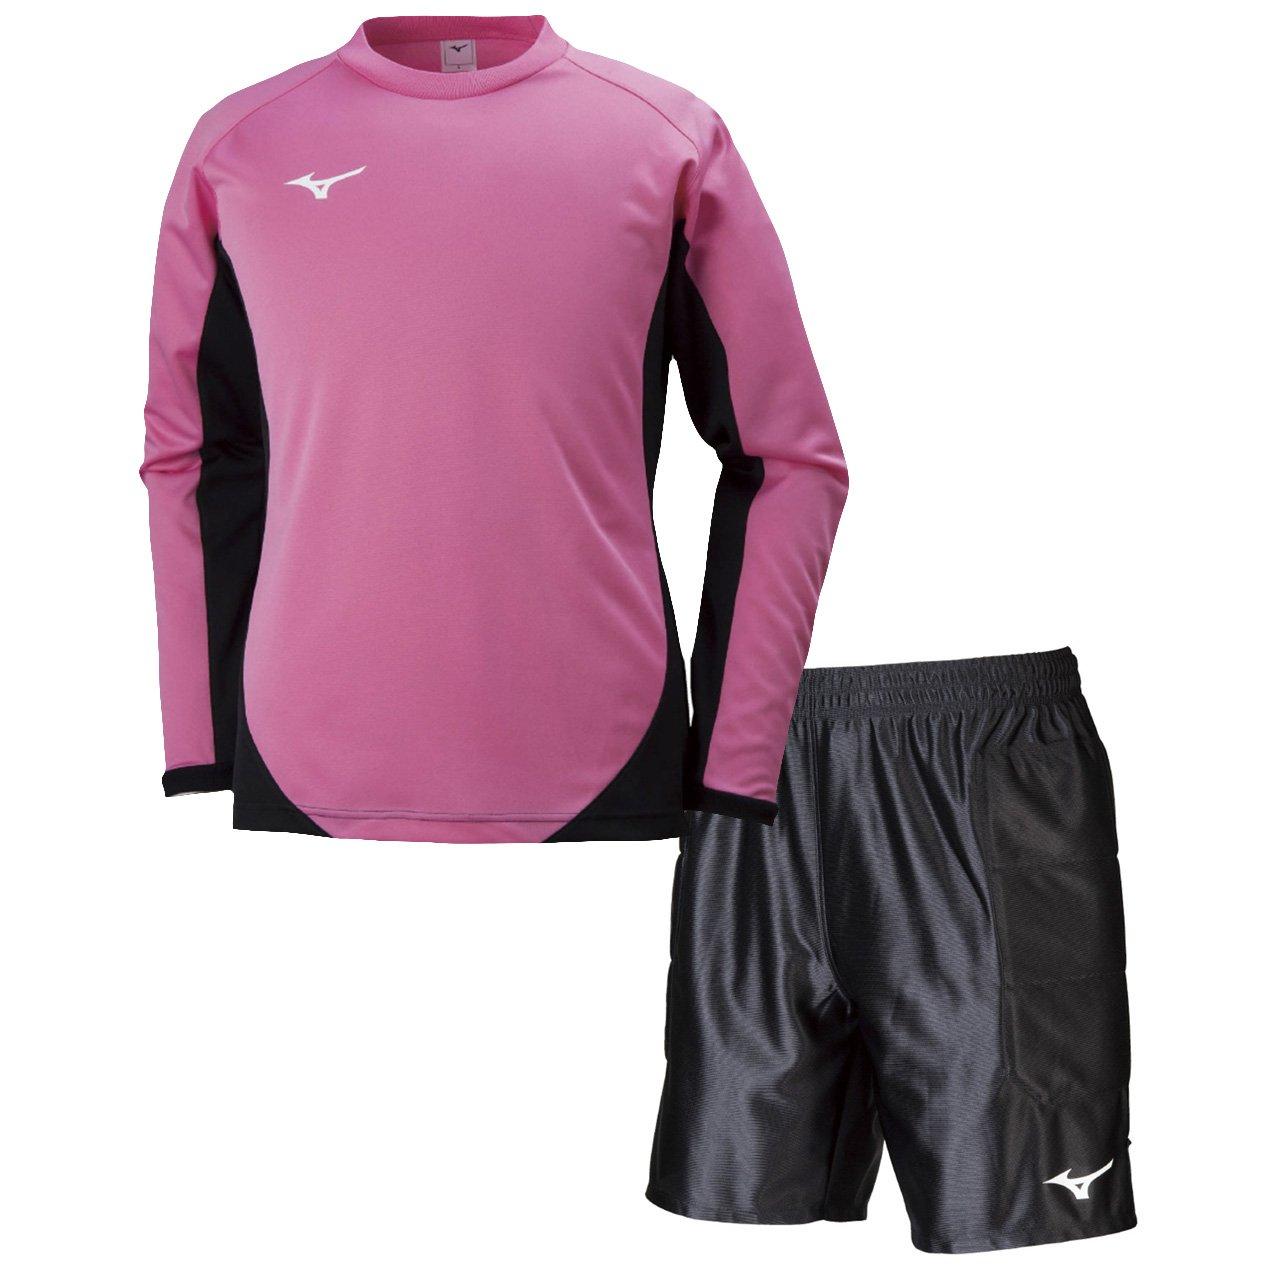 ミズノ(MIZUNO) キーパーシャツ&キーパーパンツ 上下セット(ピンク/ブラック) P2MA8075-65-P2MB8075-09 B079YQL3GJ L|ピンク/ブラック ピンク/ブラック L